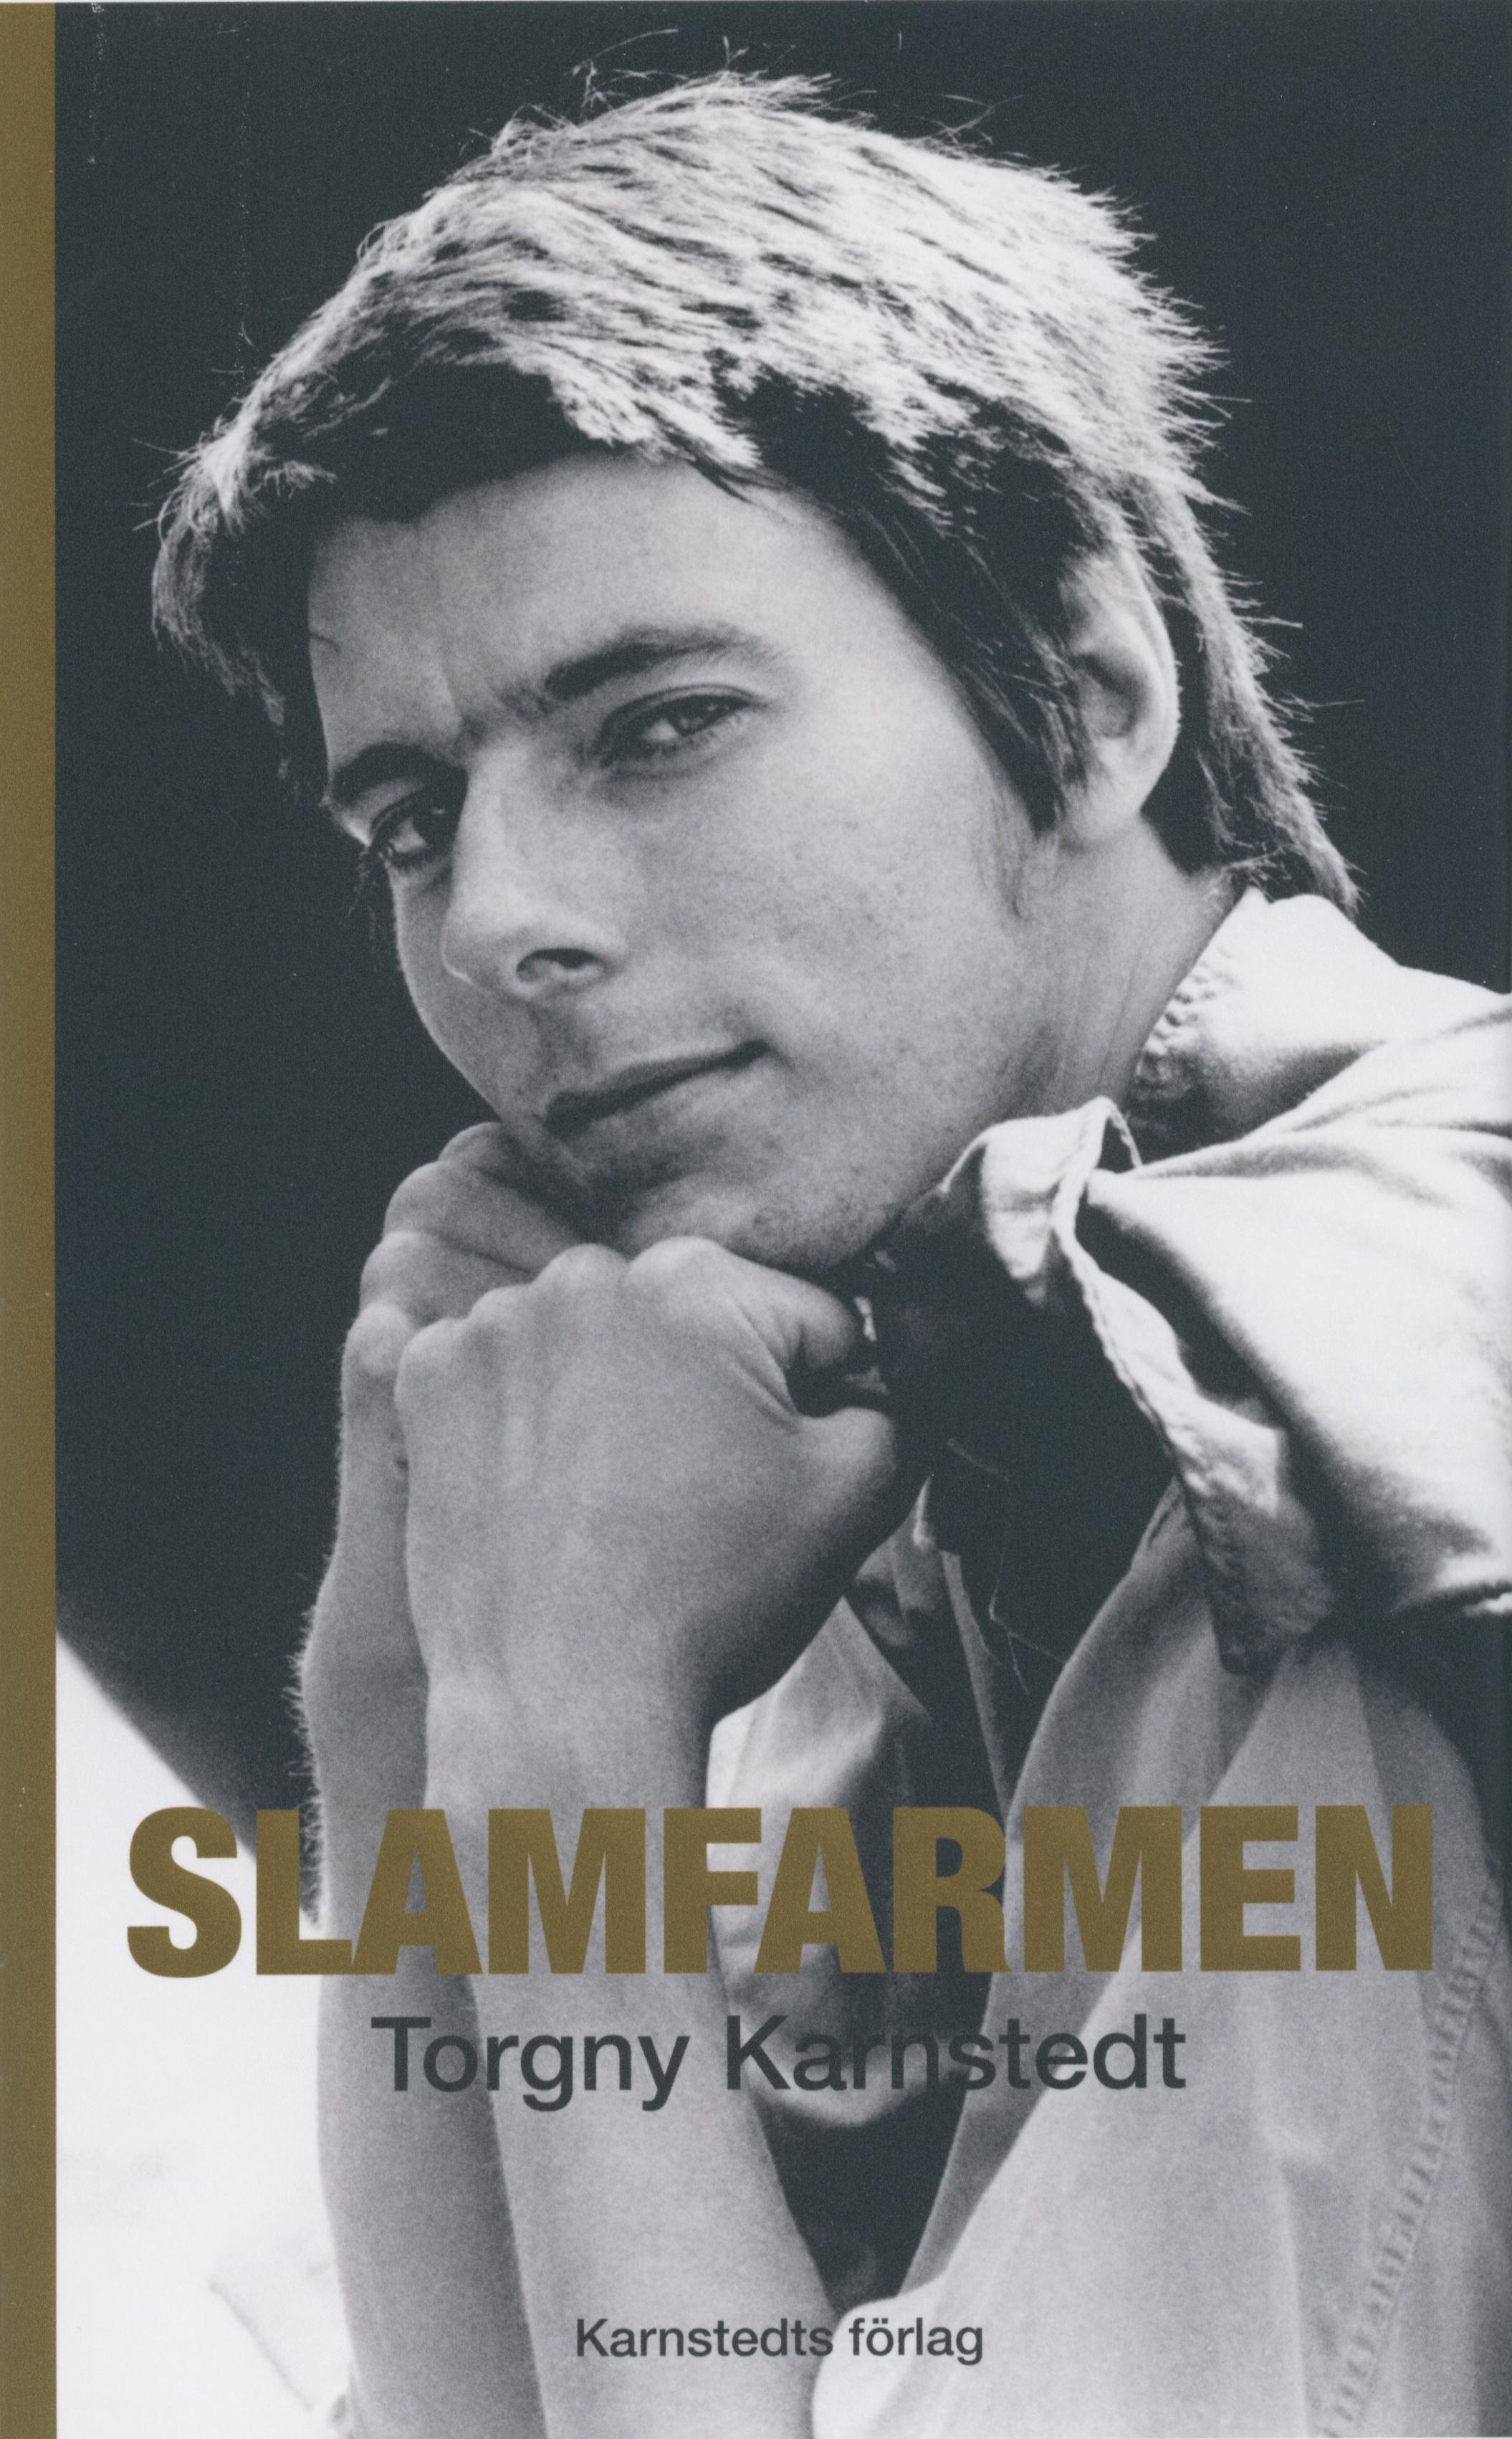 Slamfarmen jubileumsutgåva av en modern klassiker